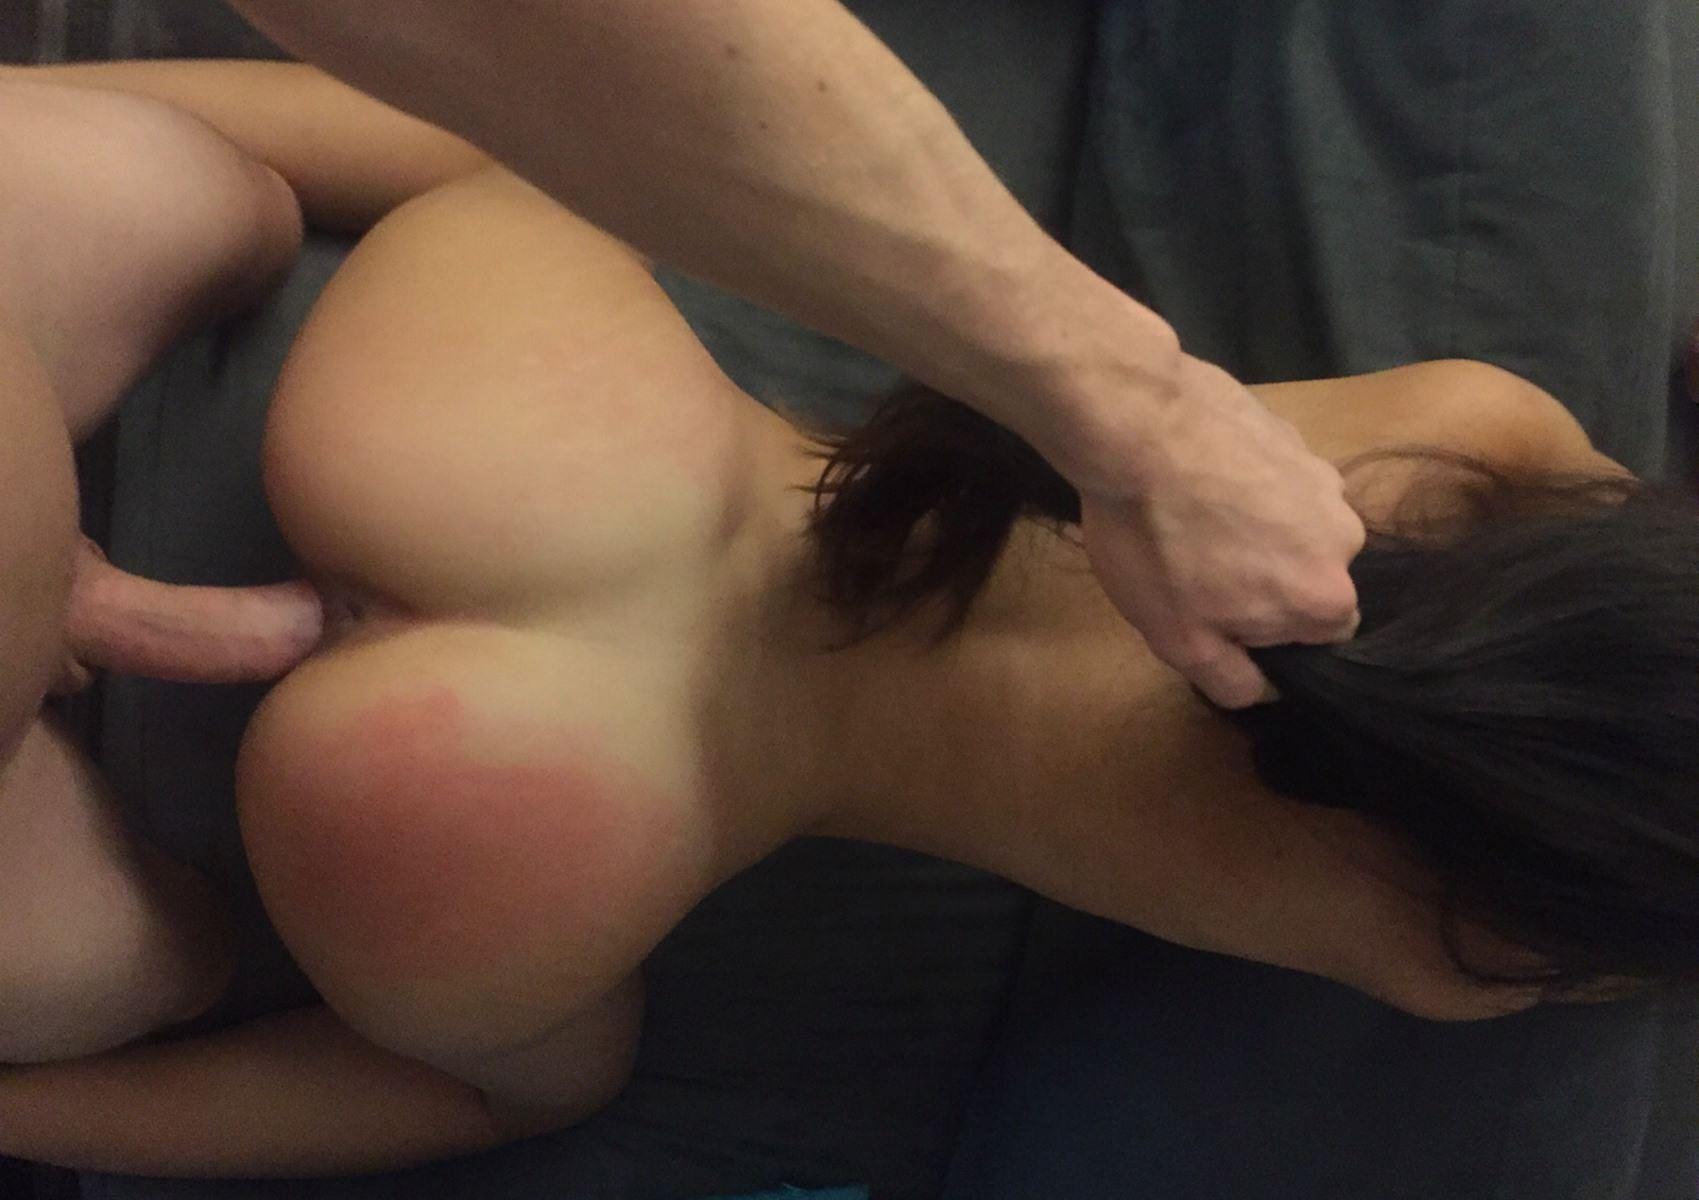 Фото Мужик знатно дерет брюнетку, поставил ее раком и тянет за волосы, отшлепал и выебал, скачать картинку бесплатно